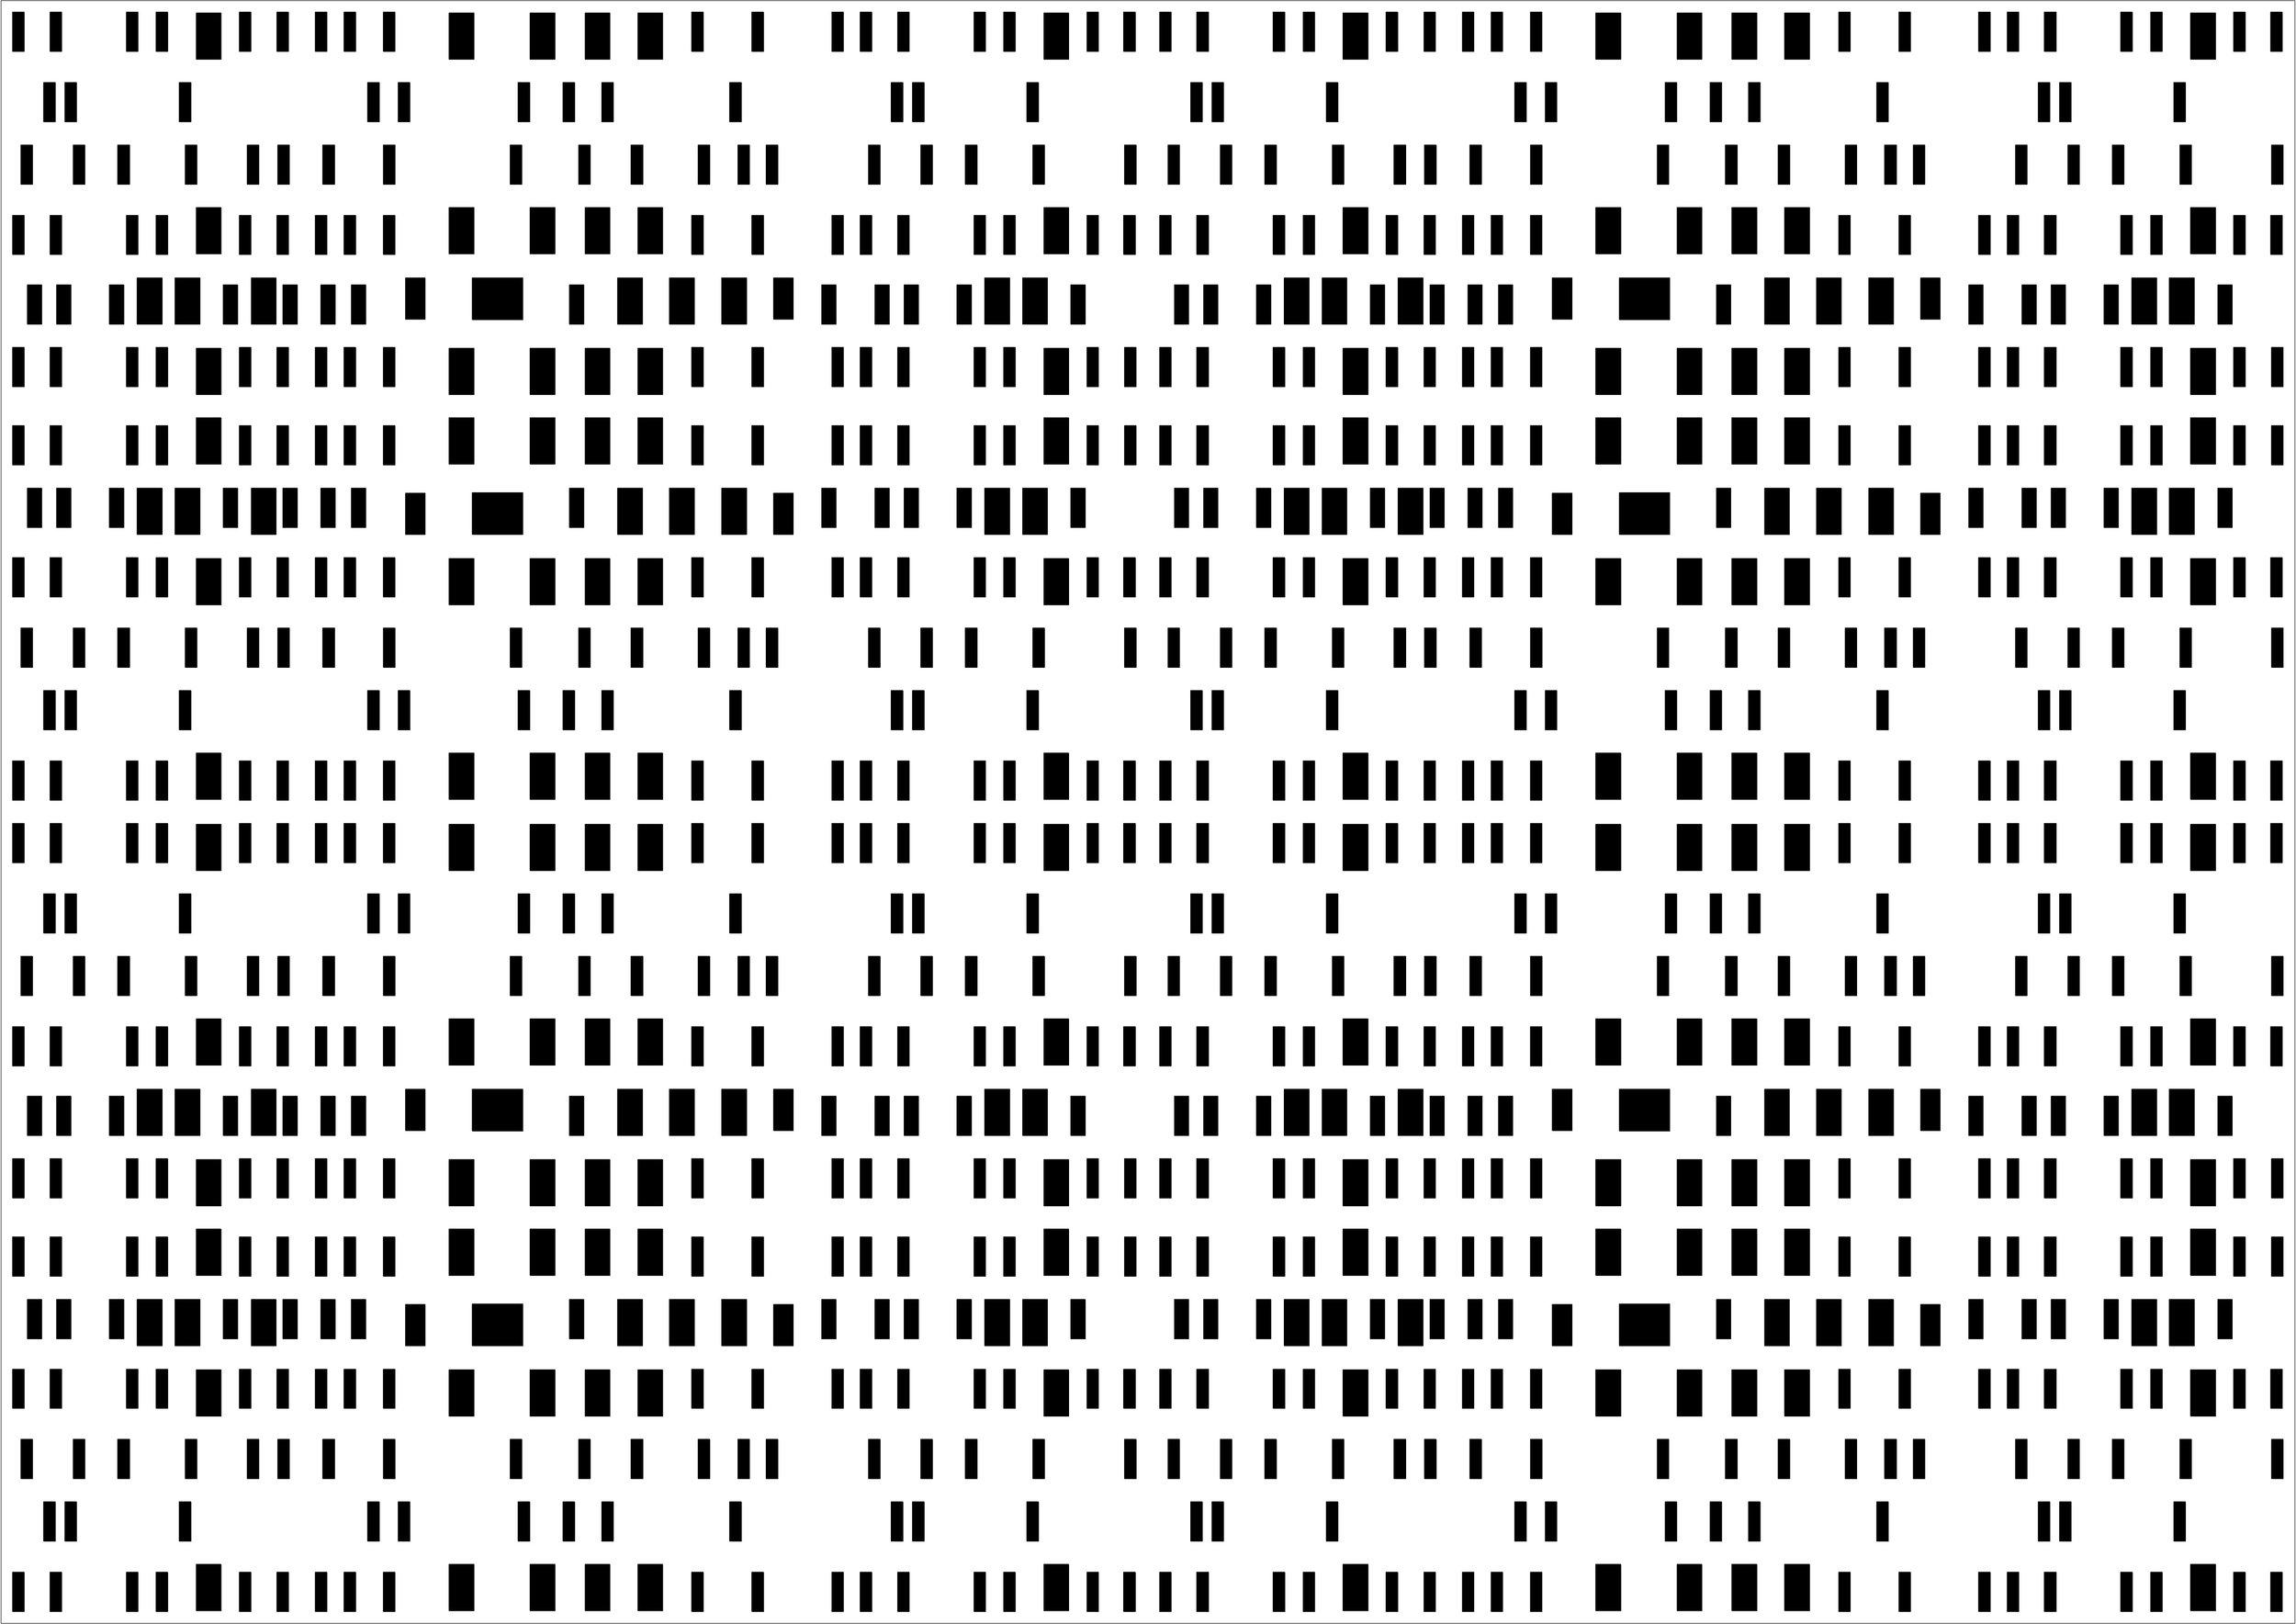 Copia di Genoma_1.jpg